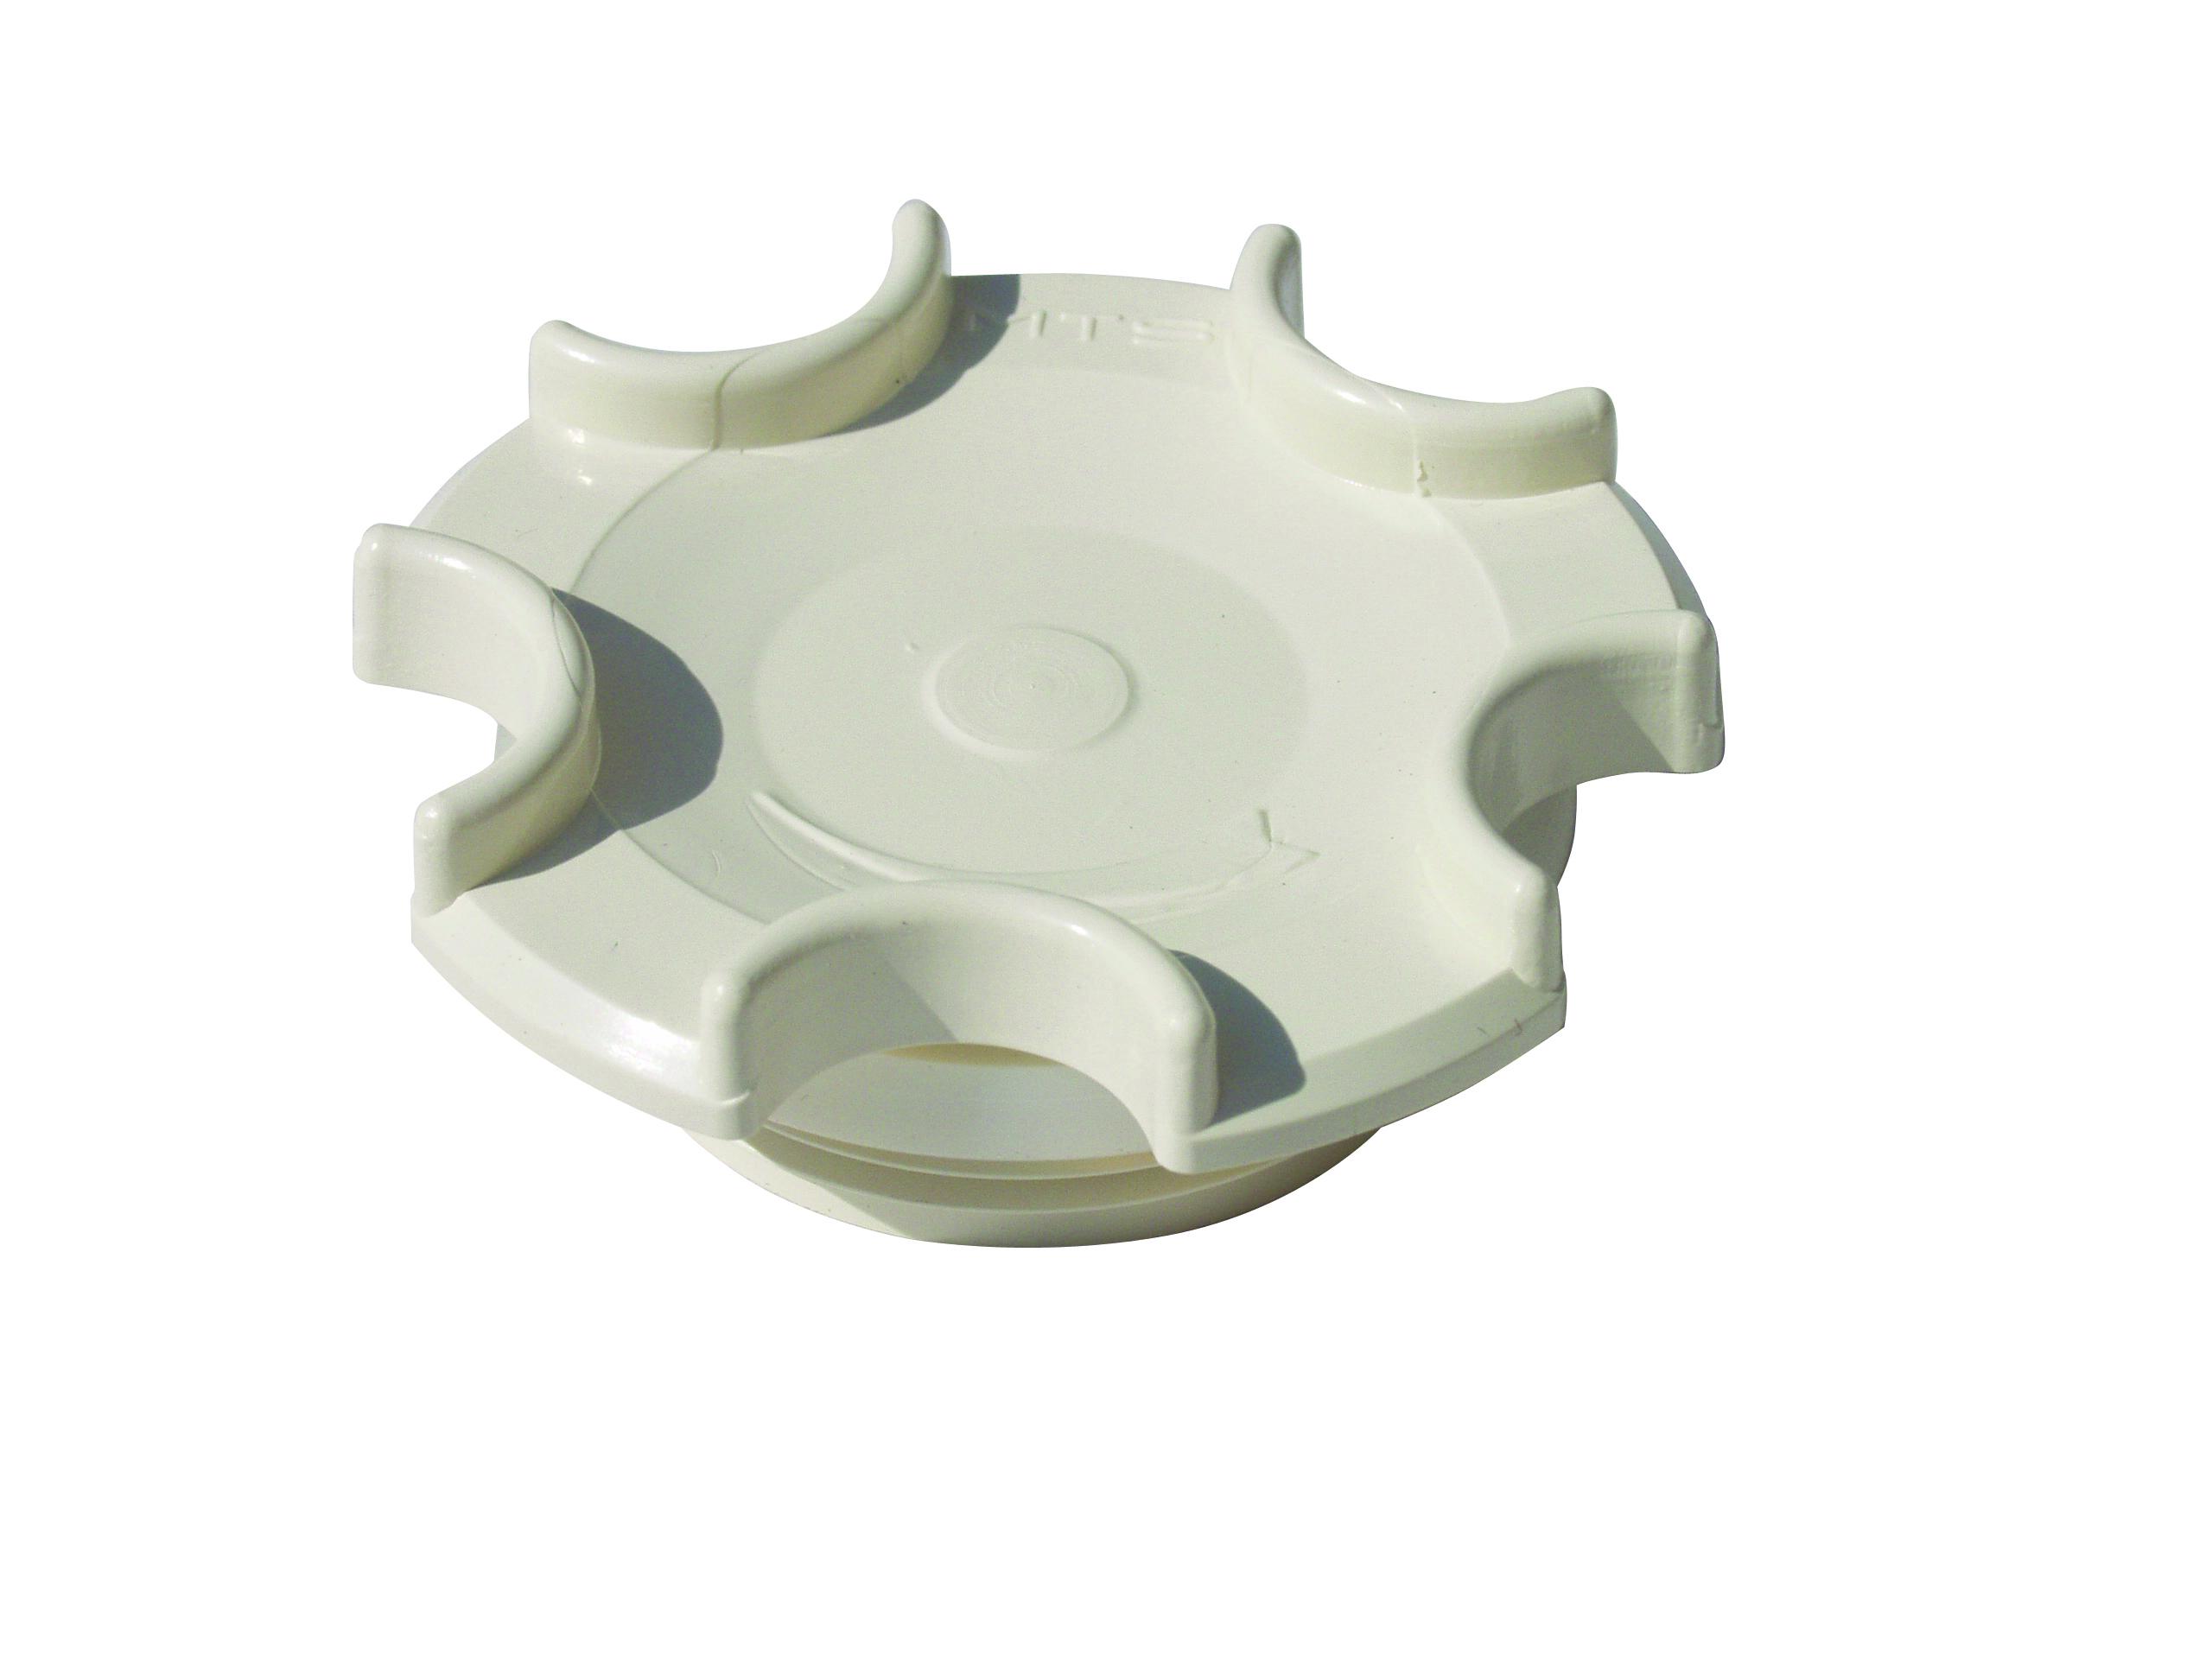 """Vtoková tryska MTS - uzávěr pro základní prvky R11/2, ABS, """"O-kroužek"""""""